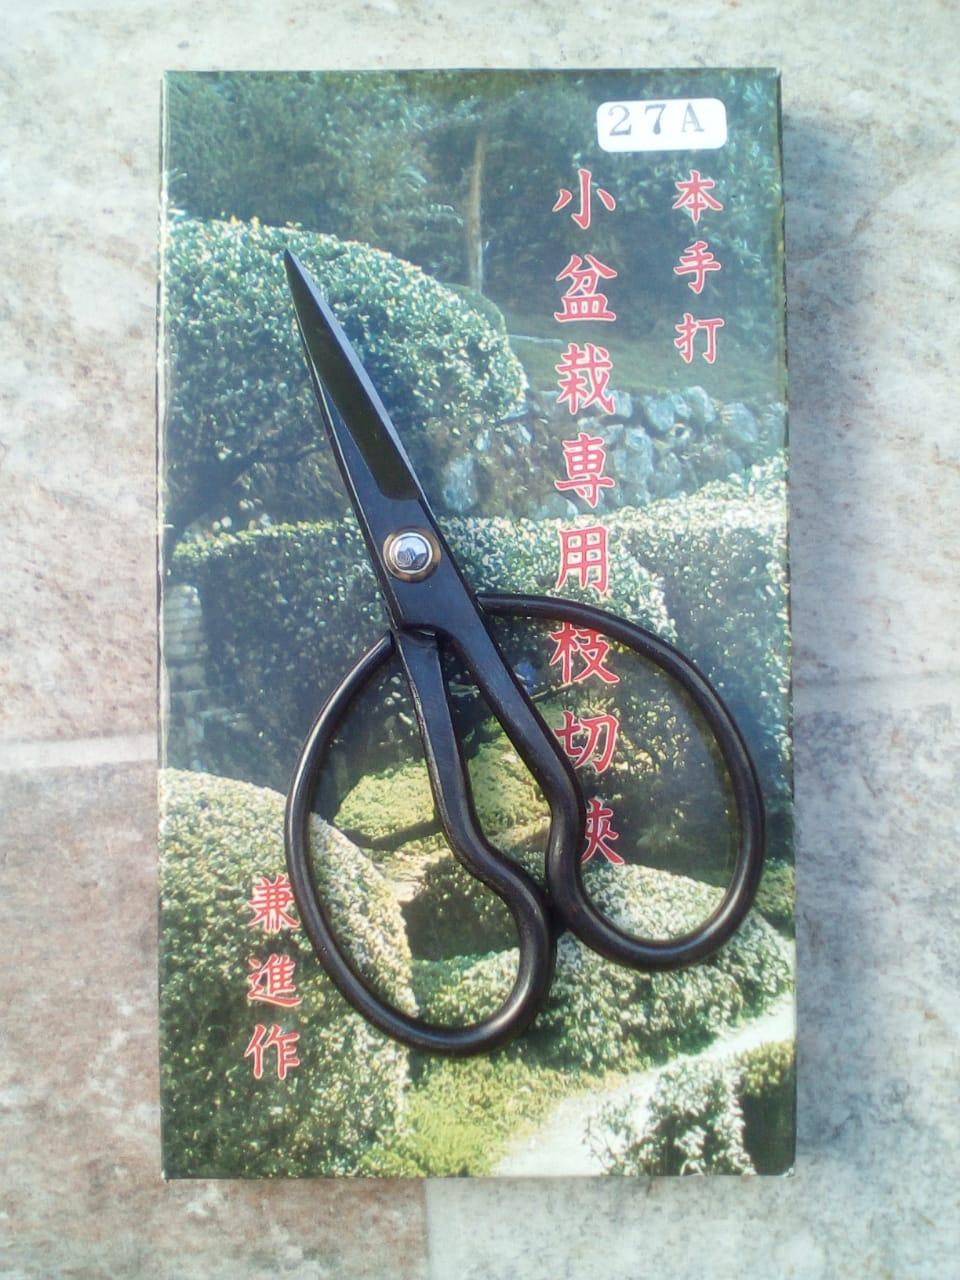 Kaneshin Mini Bonsai Scissors 122mm Bonsai Boyz